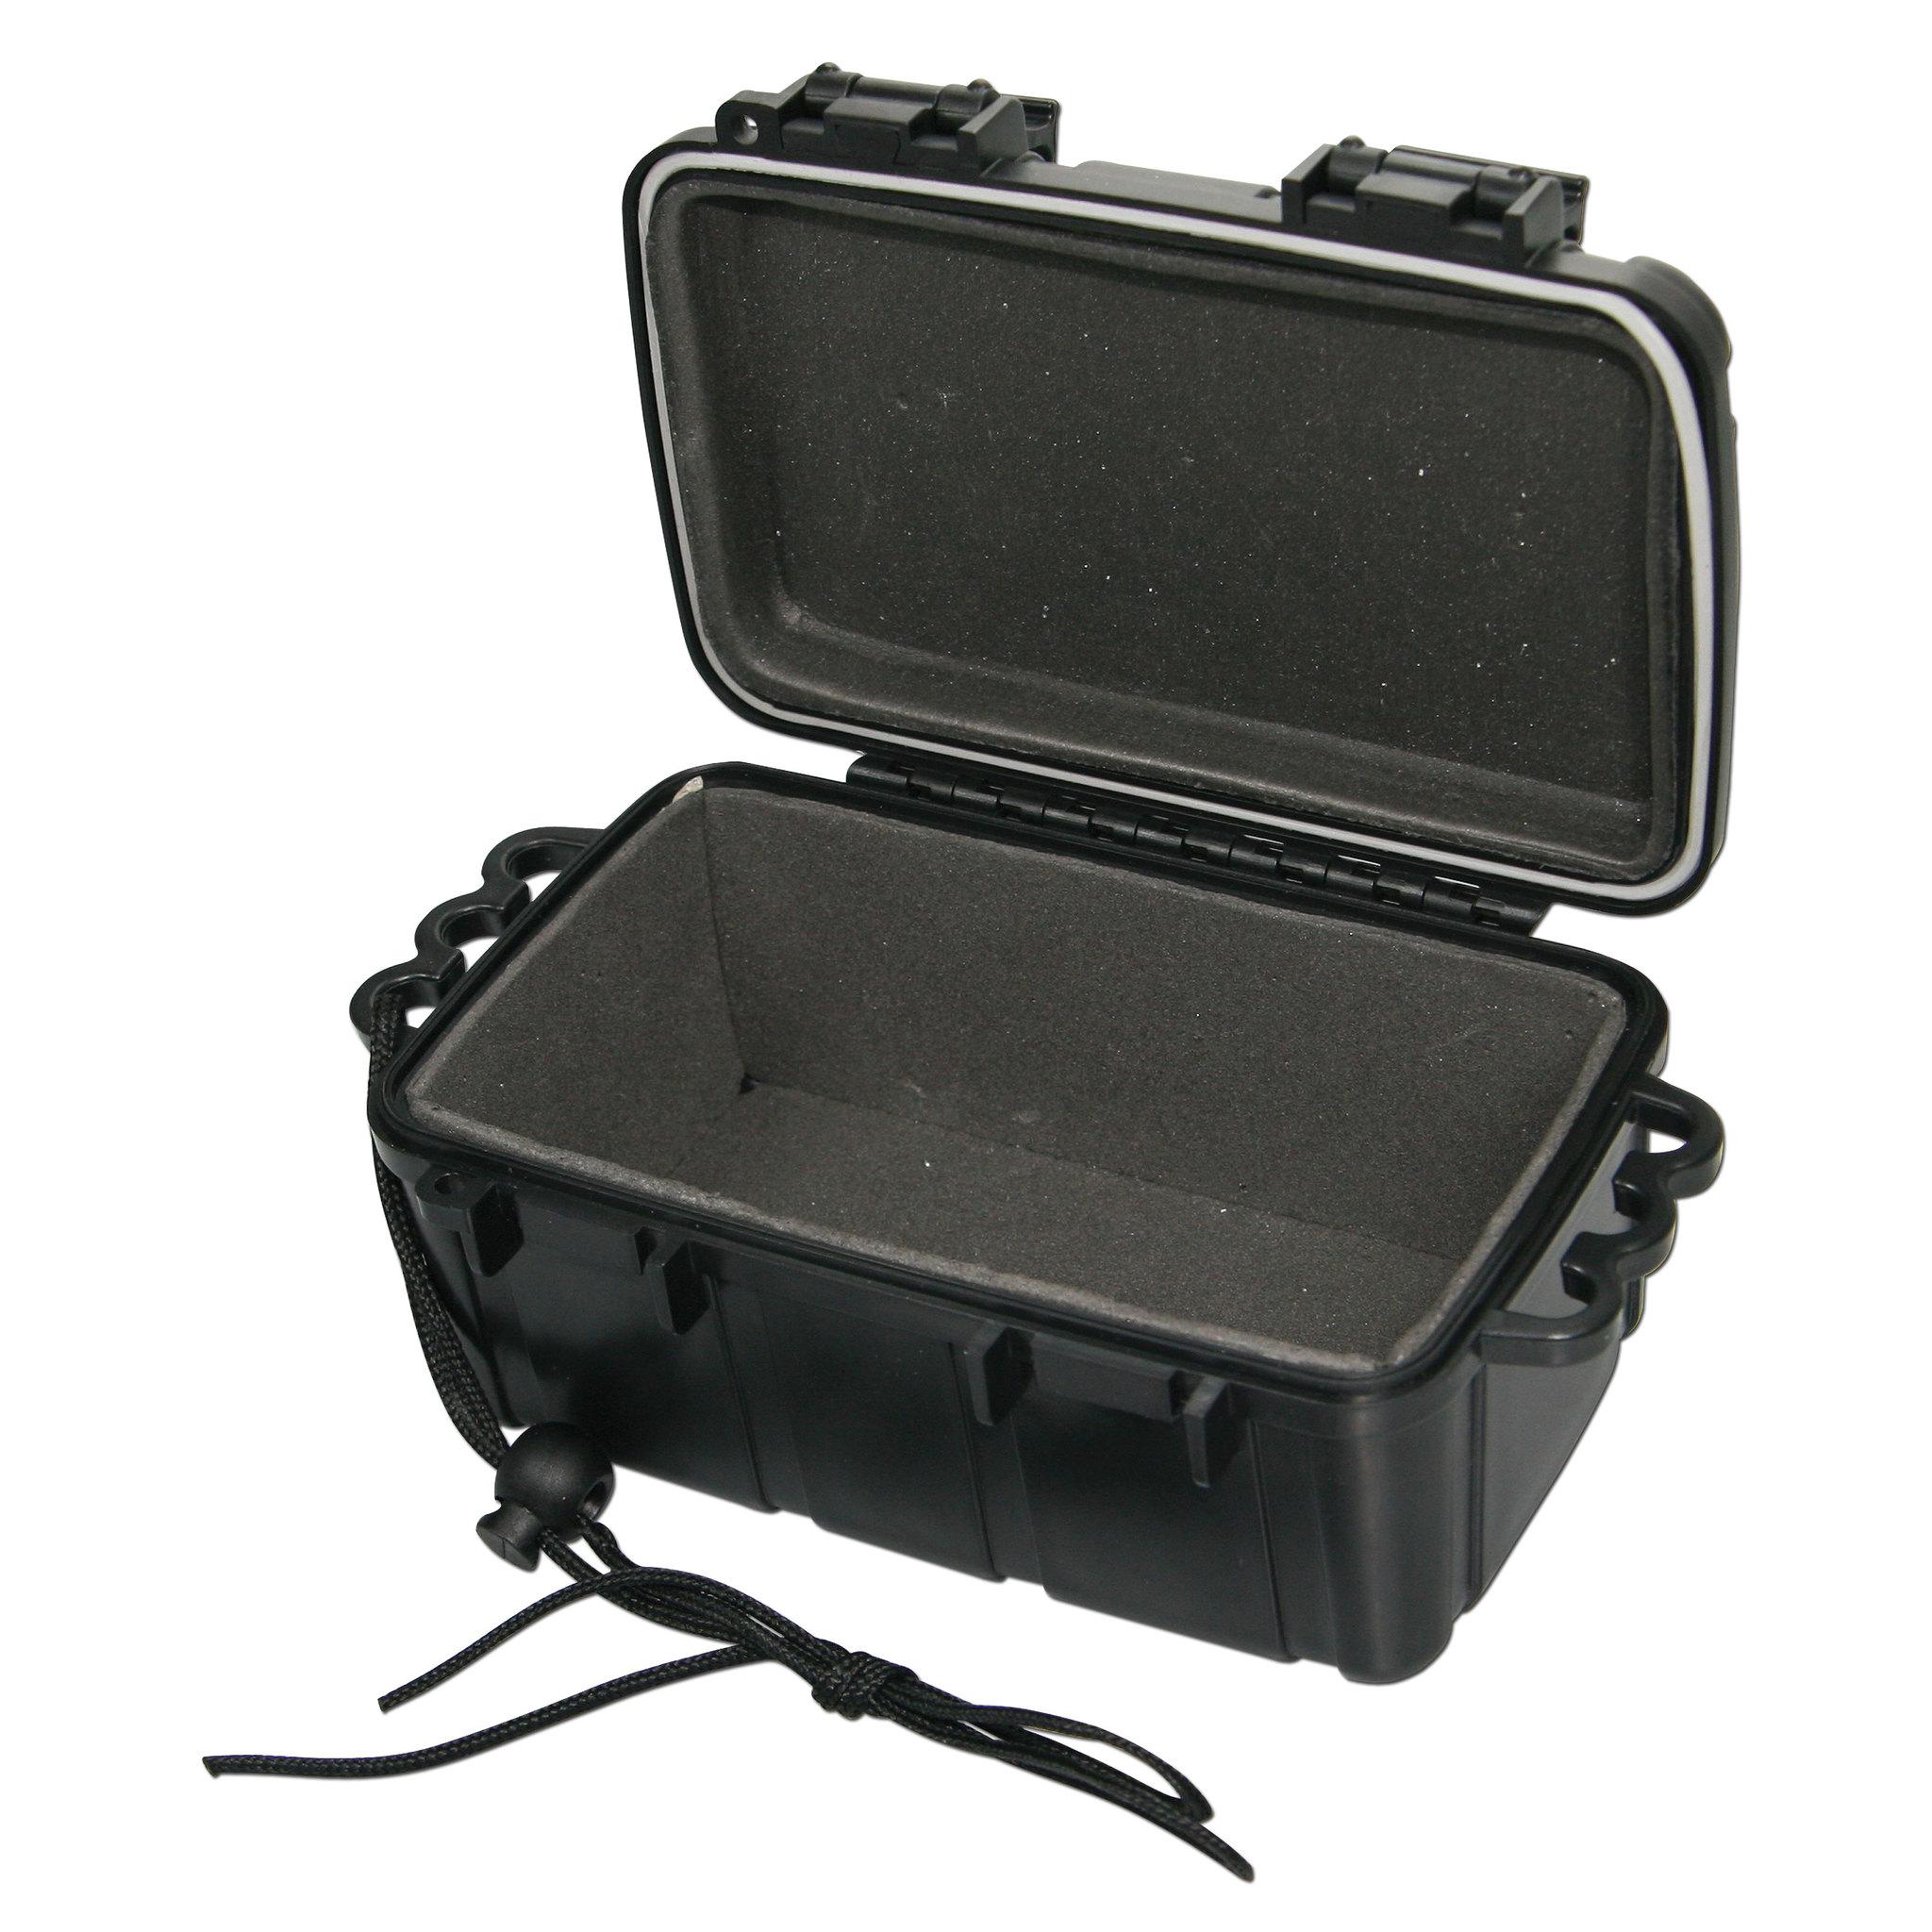 Ящик пластмассовый водонепроницаемый 16,5 x 12 x 8 см